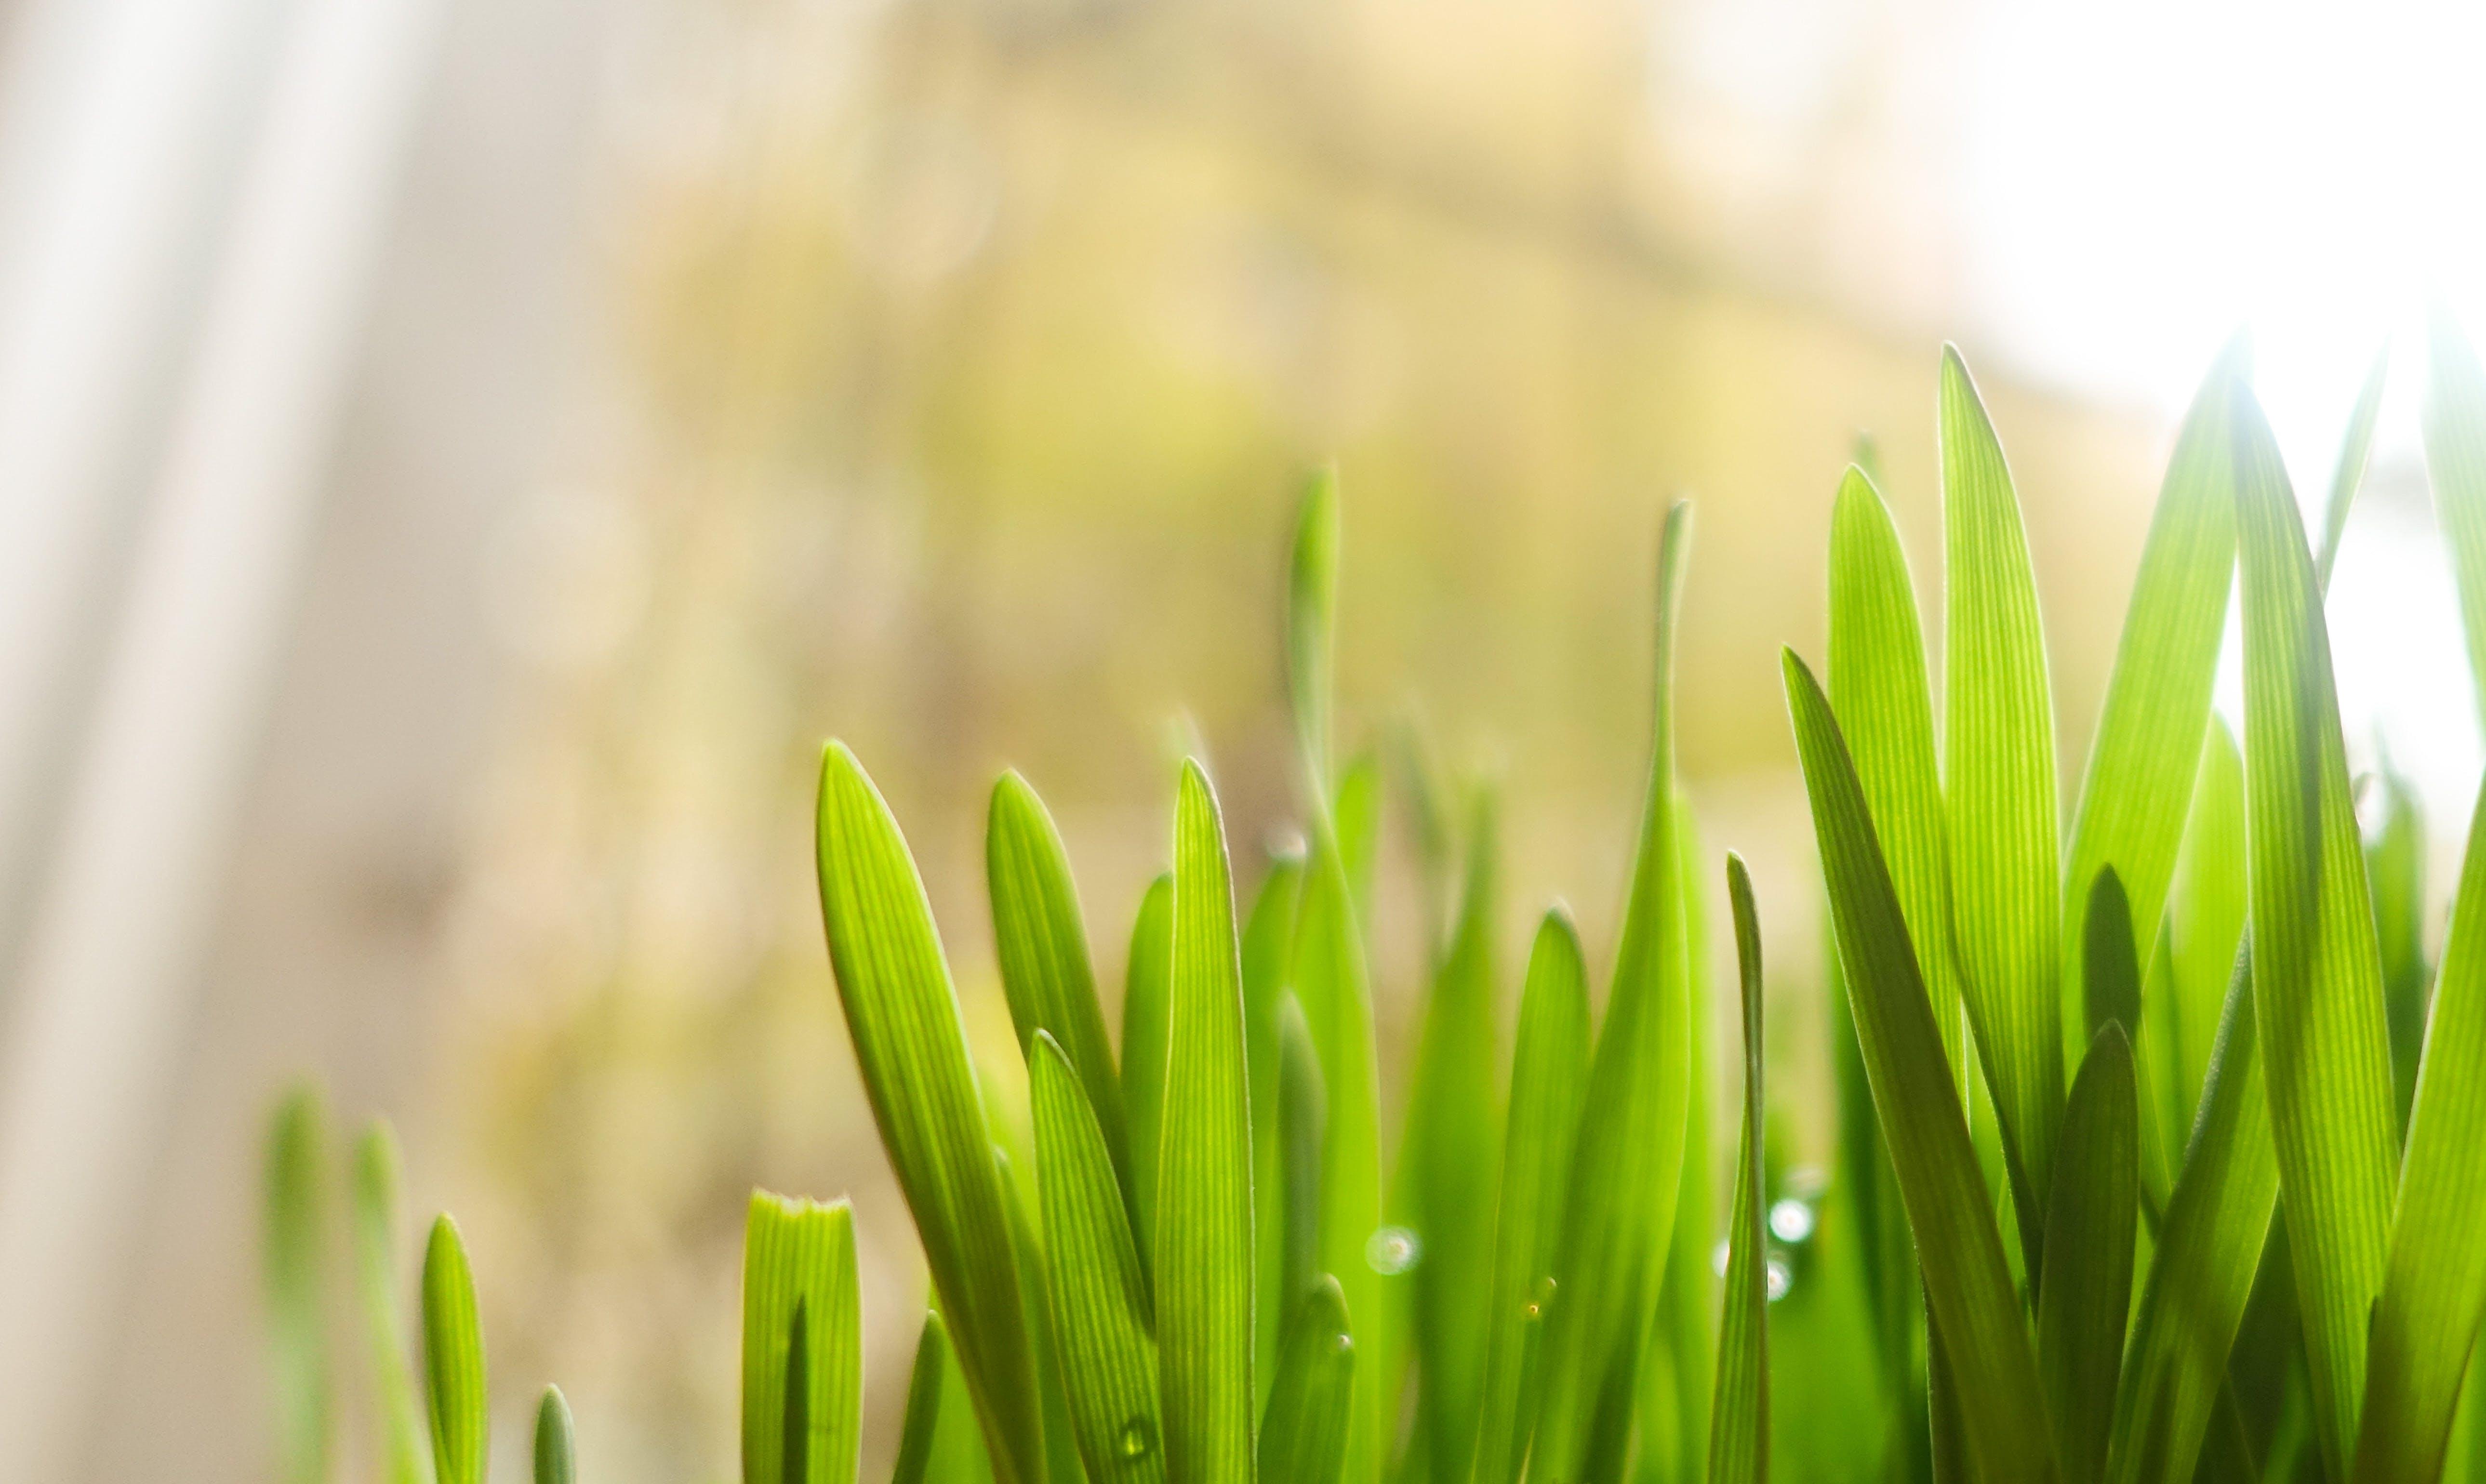 de brillante, concentrarse, crecimiento, efecto desenfocado